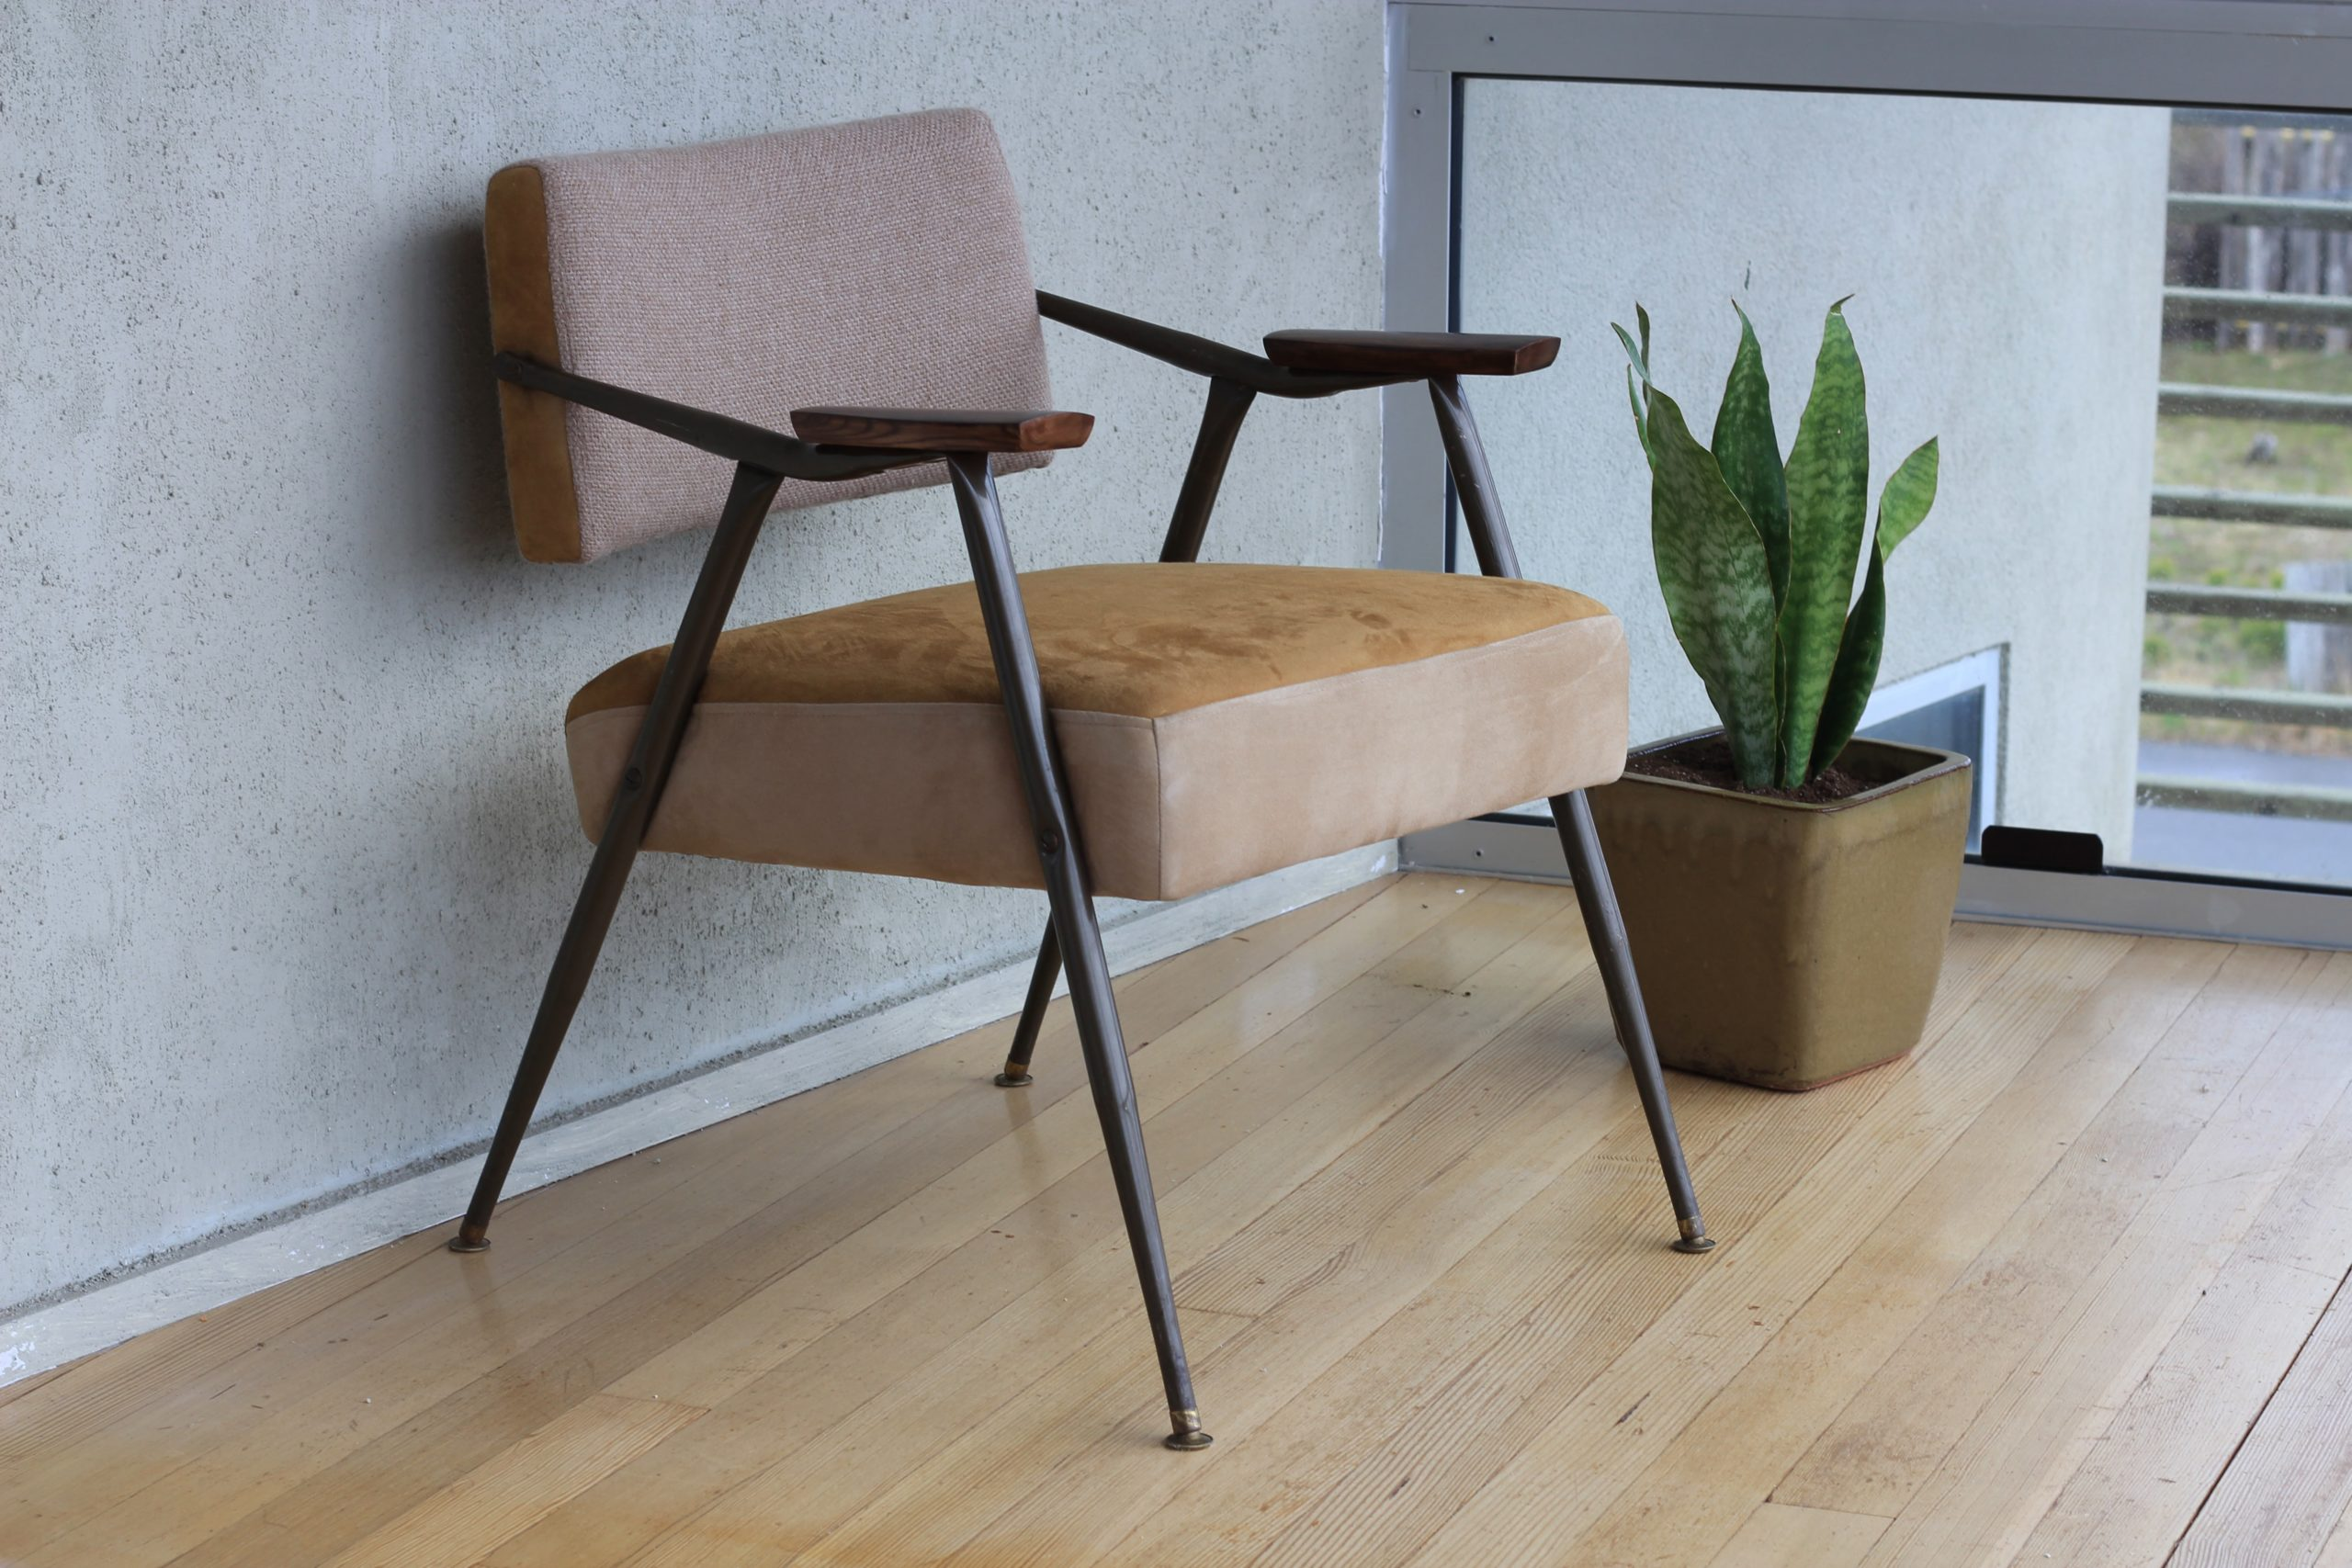 Best Massage Chair Under 1000 USD